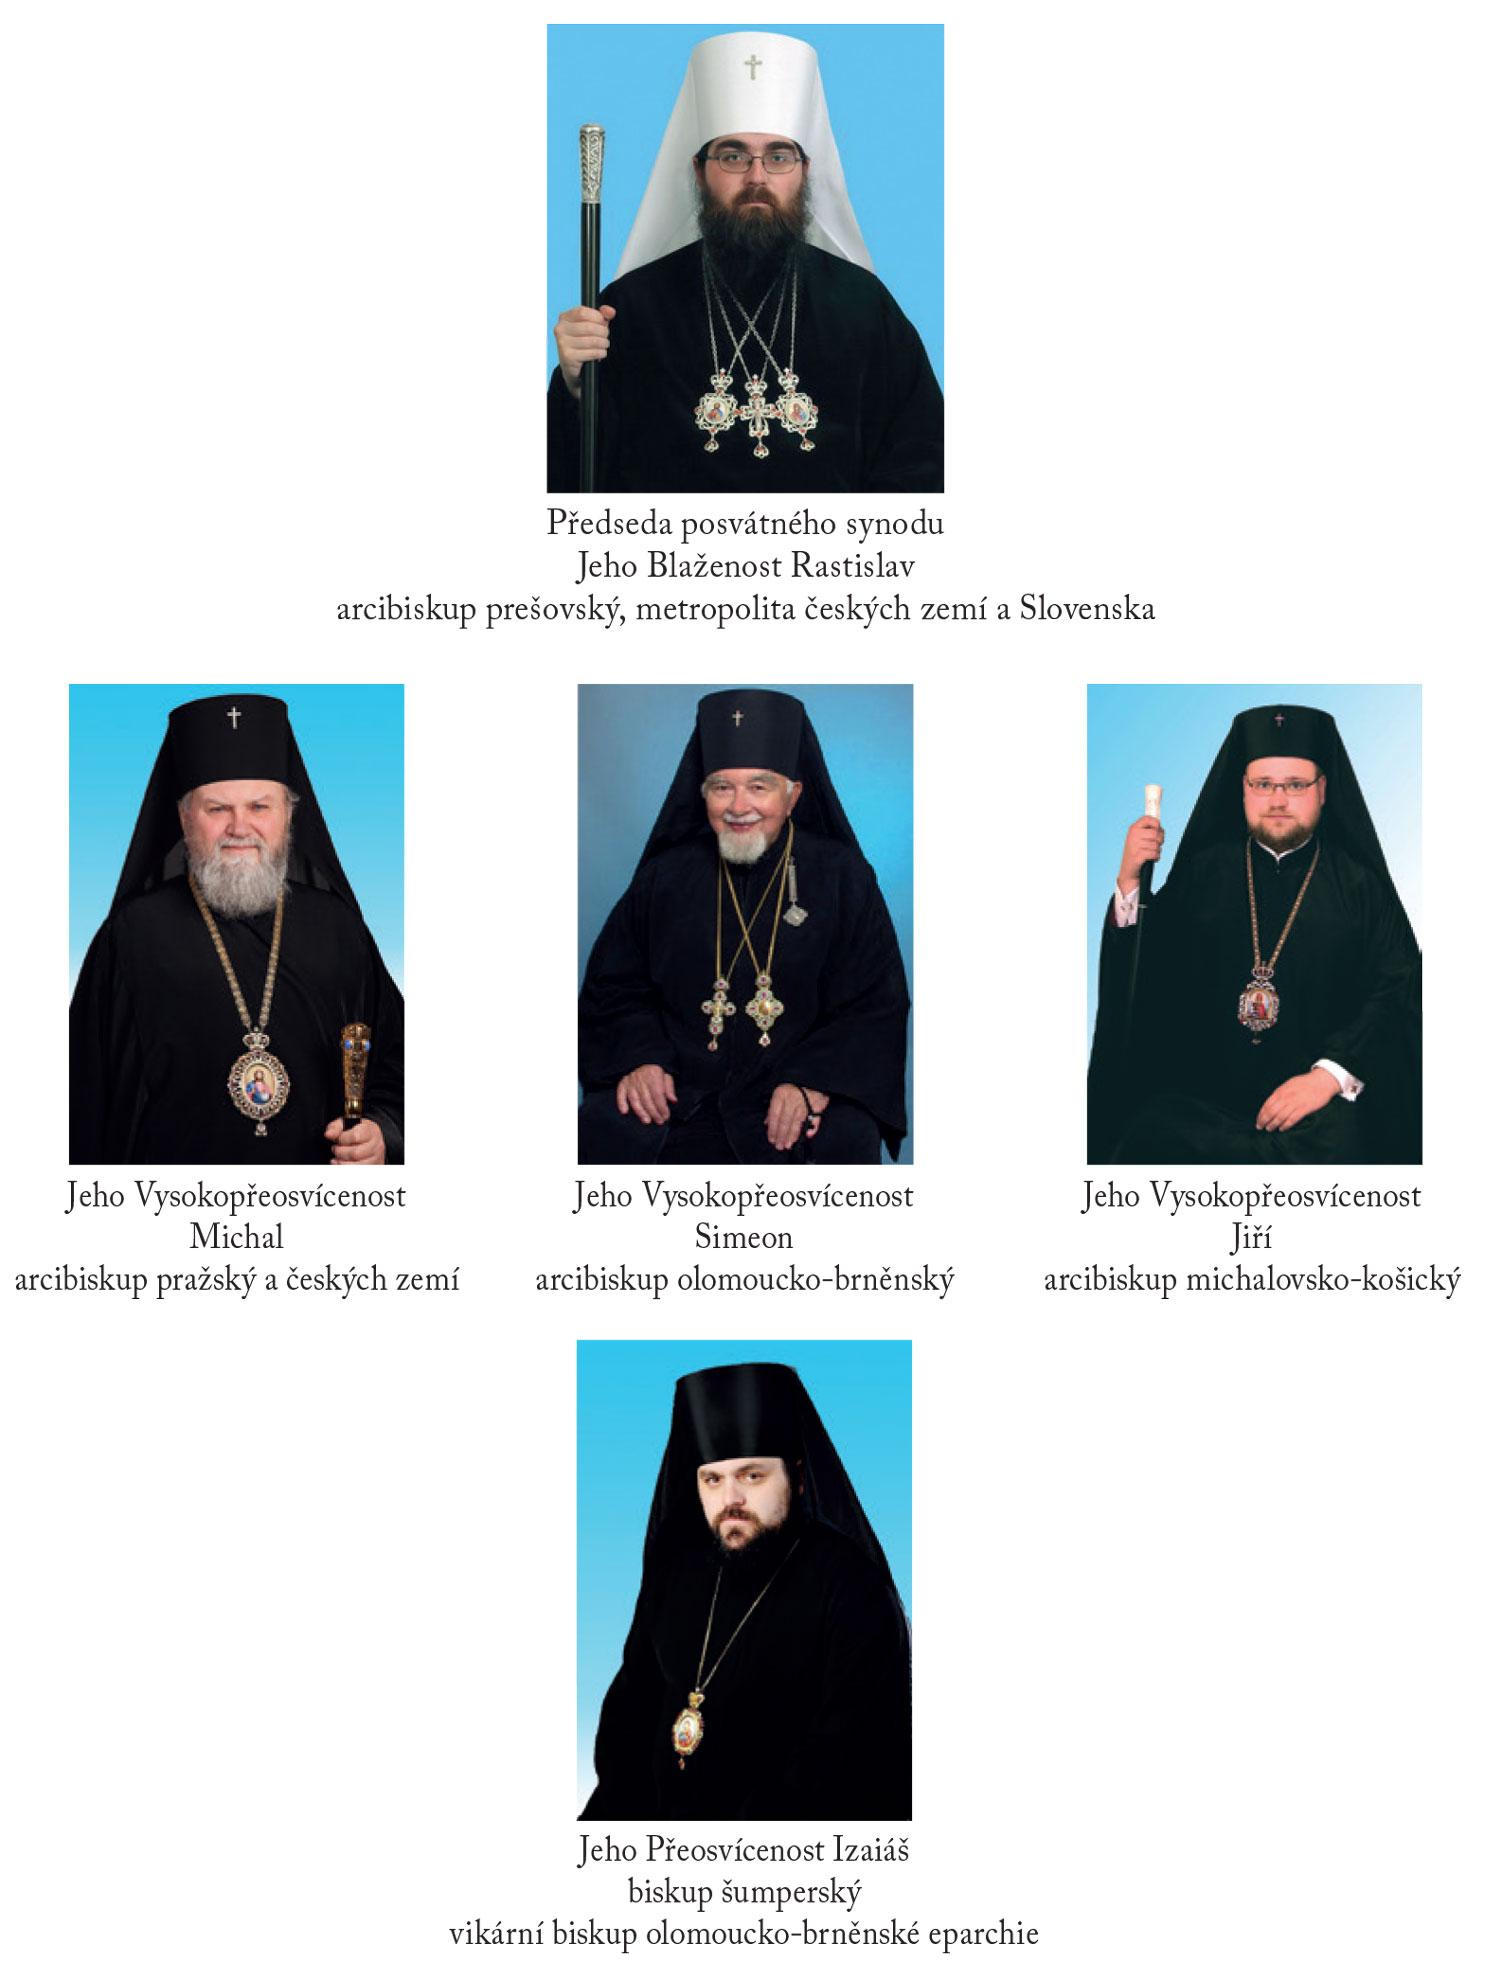 Clenove-Posvatneho-synodu